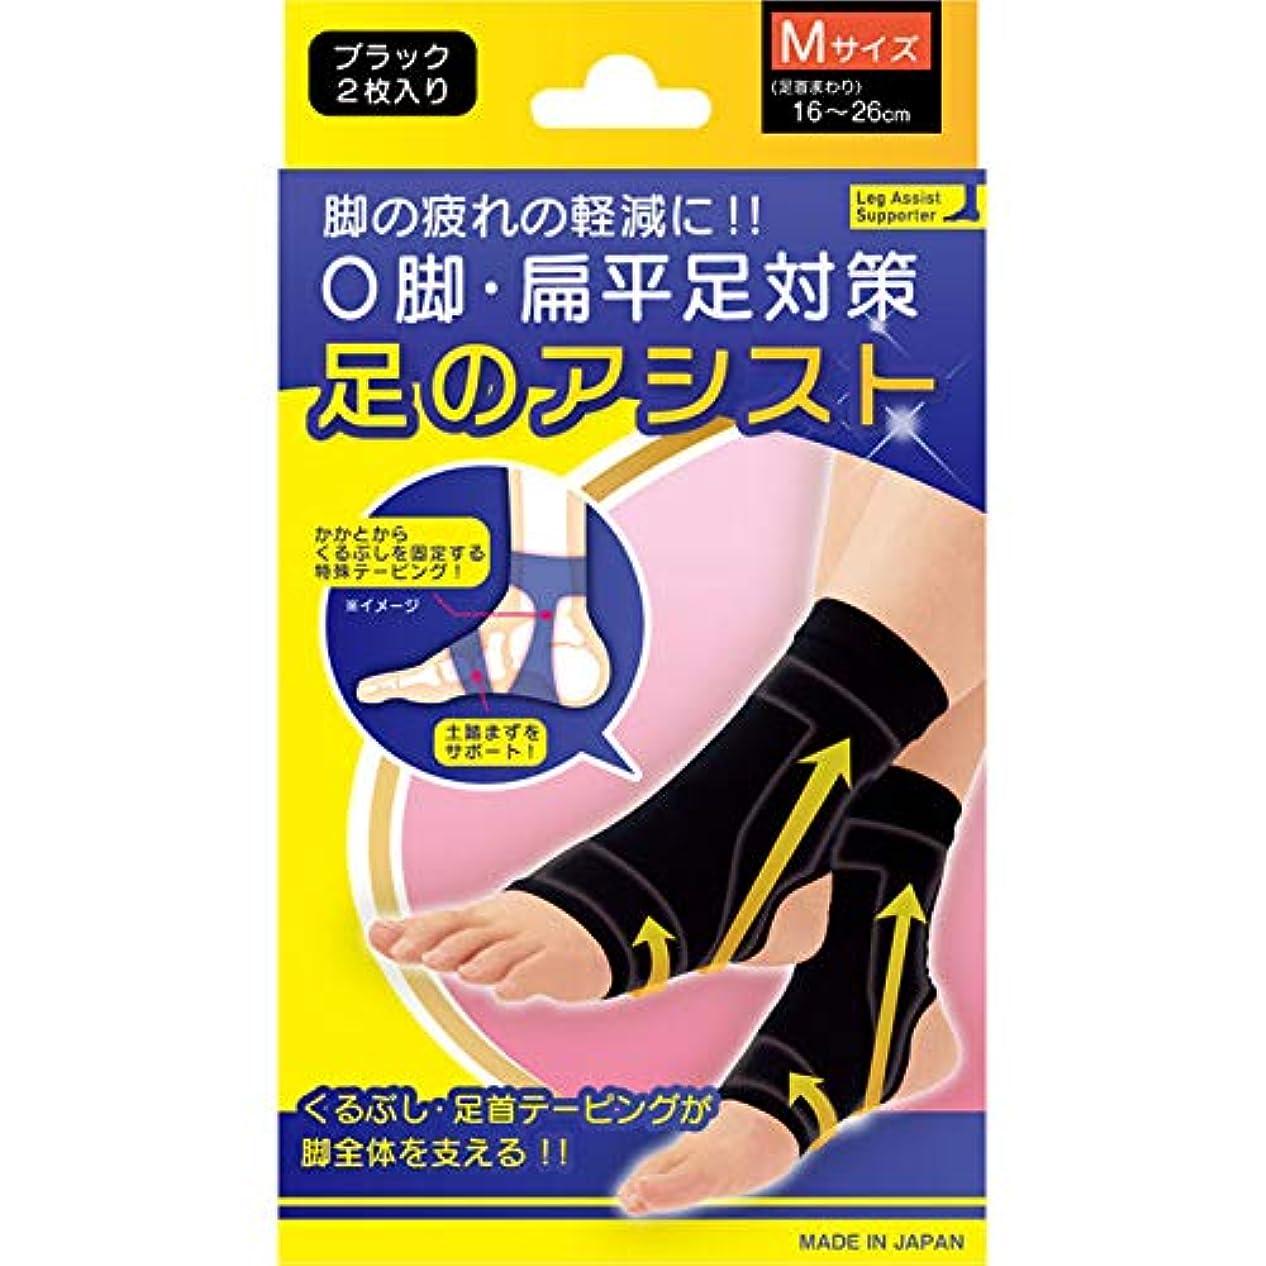 機密申し立てリスク美脚足のアシスト ブラック 2枚入り Mサイズ(足首まわり16~26cm)